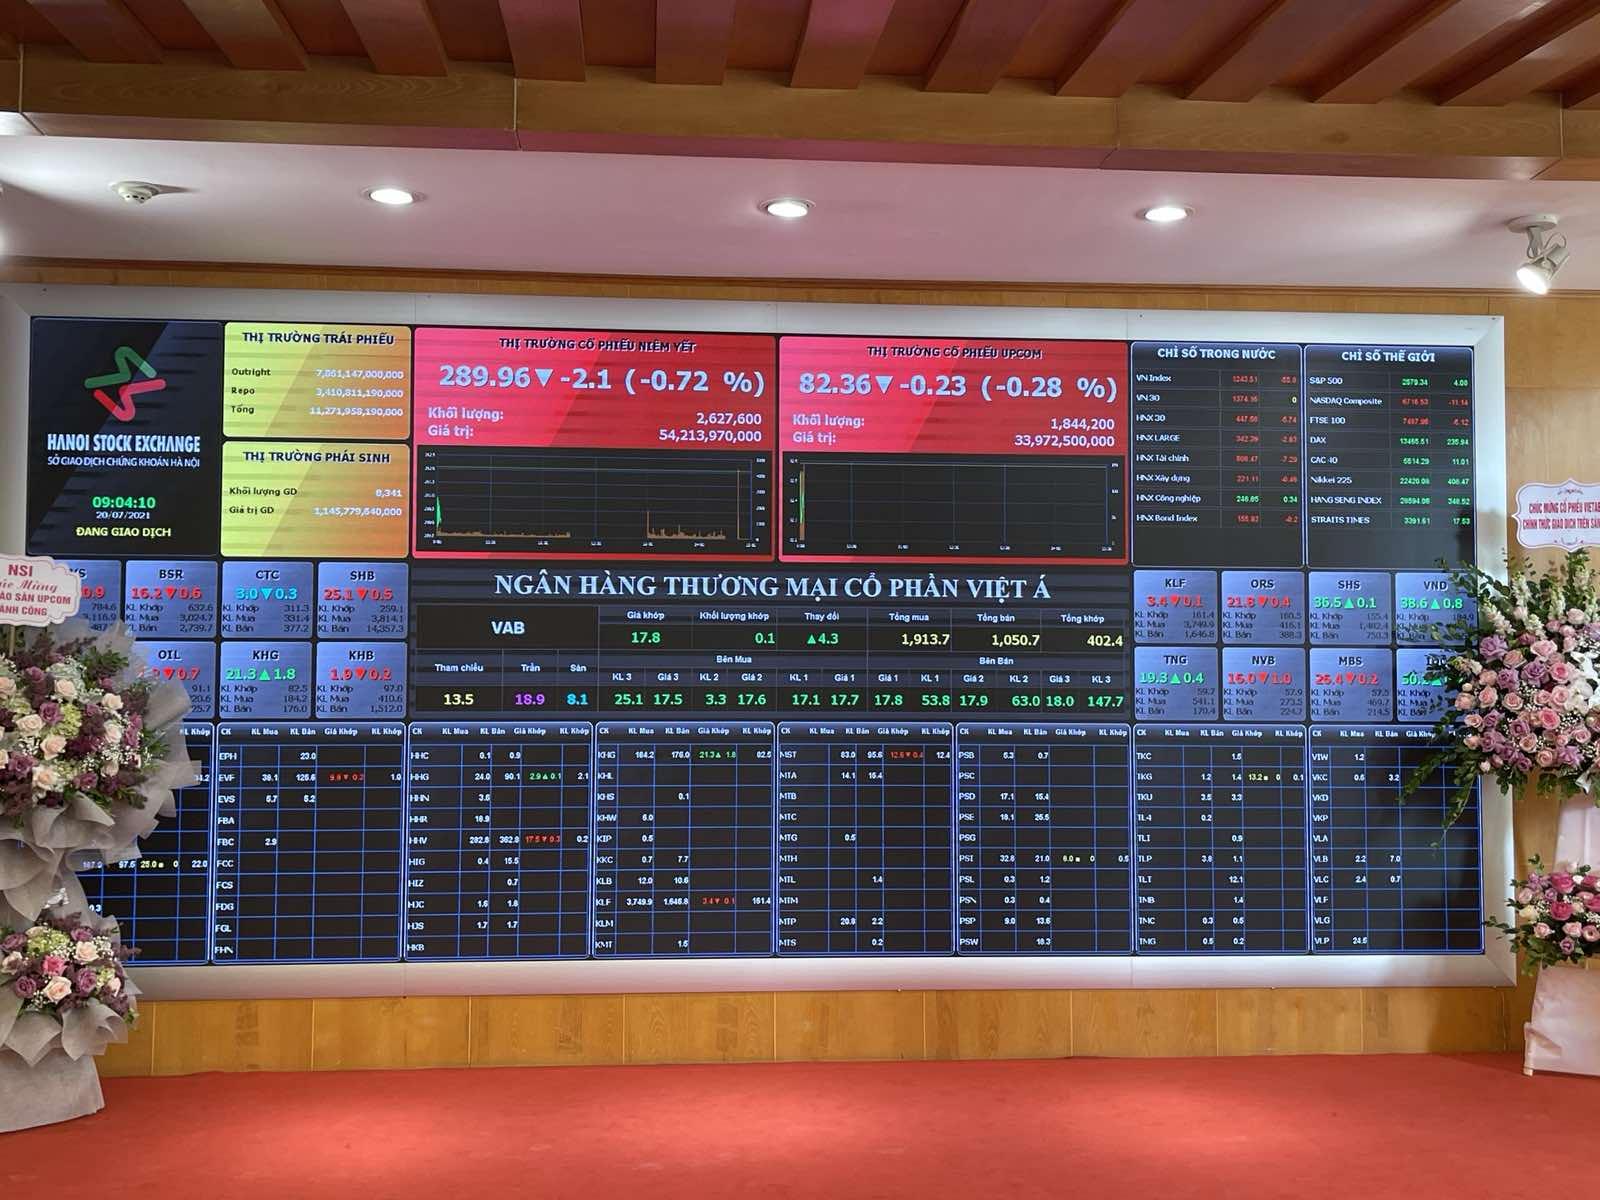 Cổ phiếu VietABank tăng kịch trần sáng chào 'sàn' UPCoM - Ảnh 1.